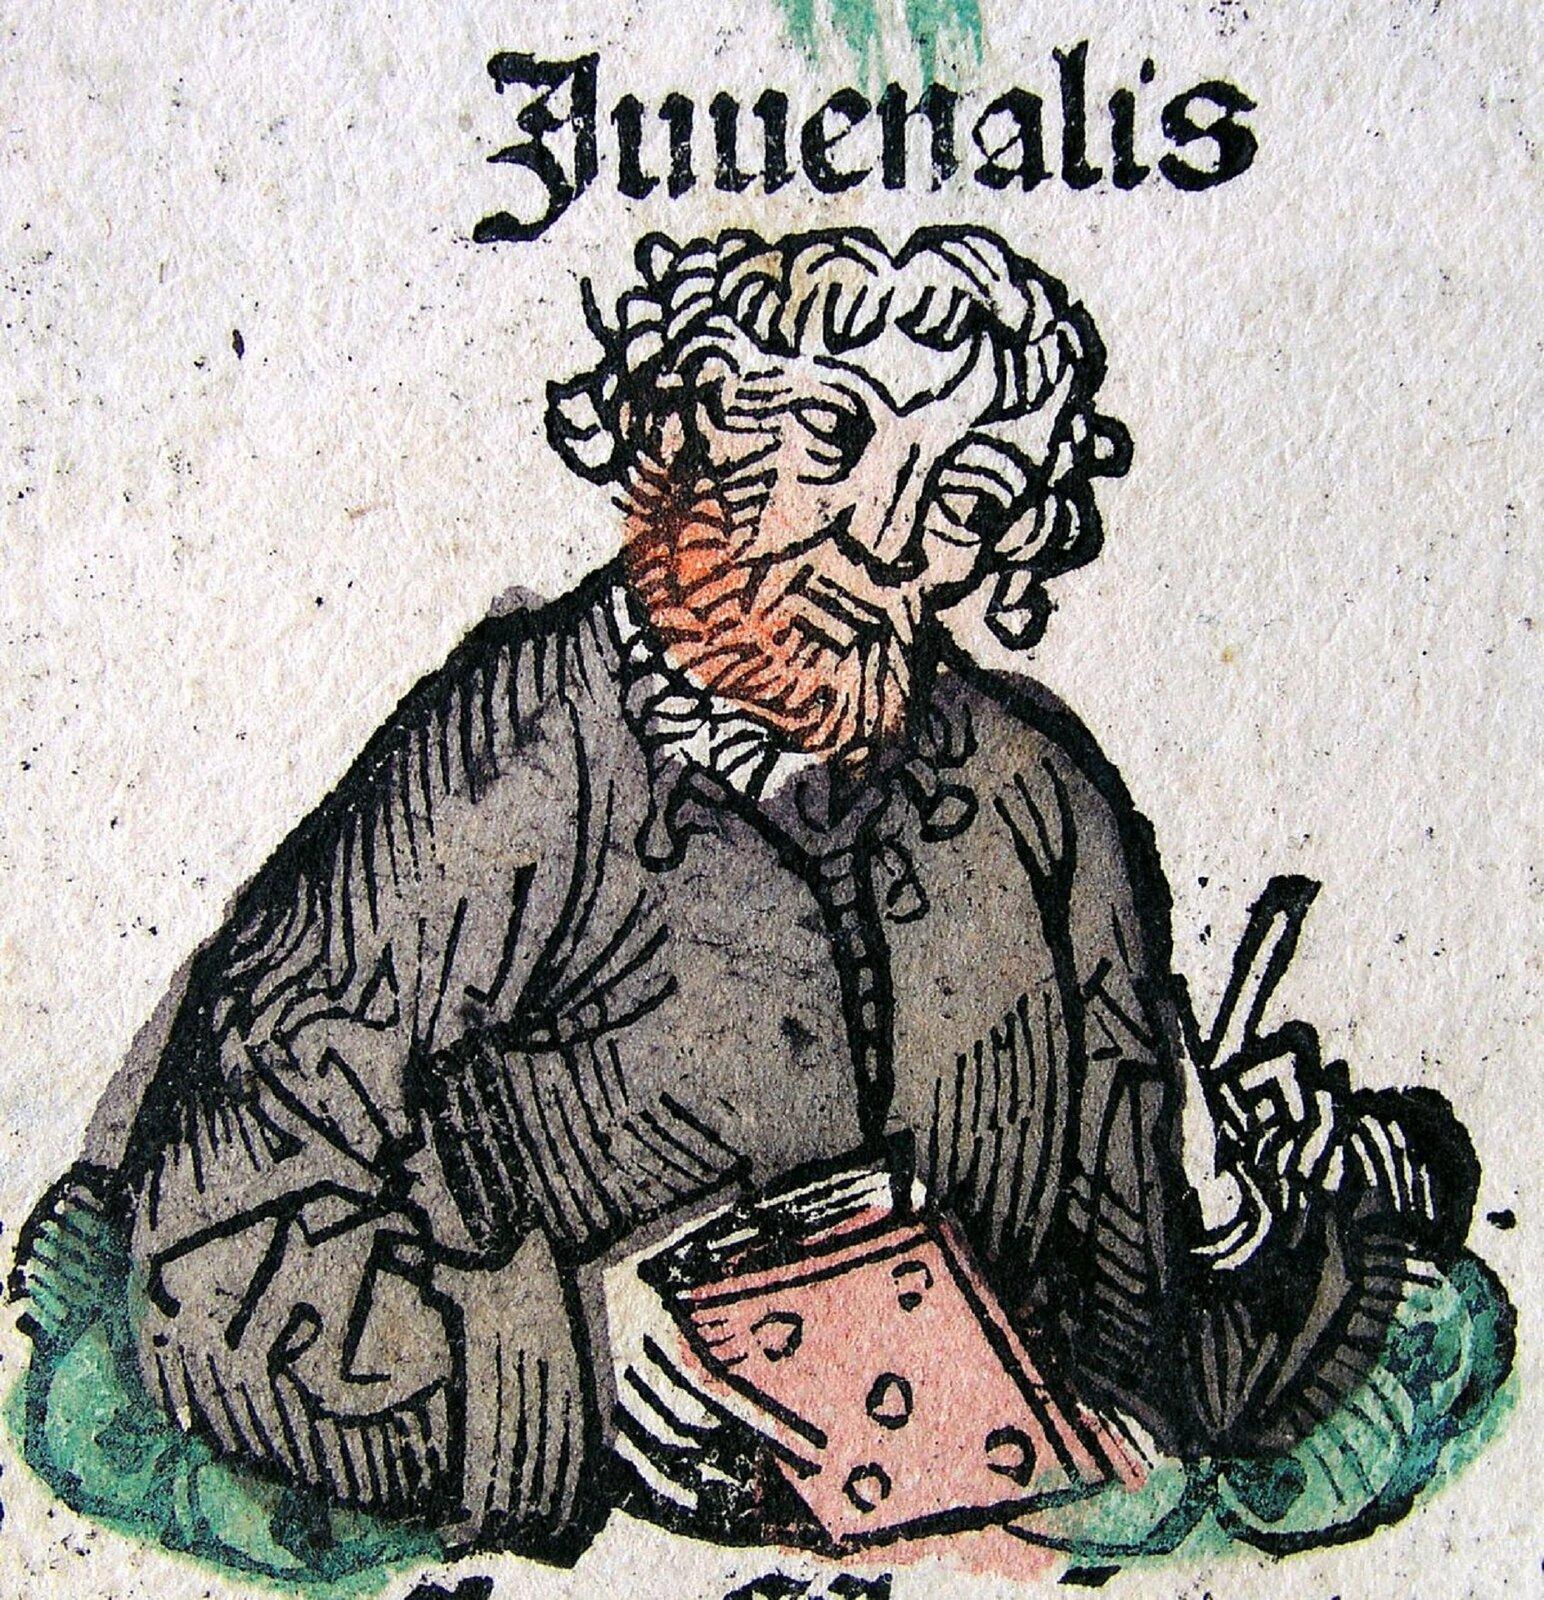 Ilustracja nieznanego autora przedstawia podobiznę Juwenalisa, która została zamieszczona na białej karcie. Juwenalis został przedstawiony jako mężczyzna wpodeszłym wieku. Ma długie, kręcone włosy, oraz bujny rudy zarost. Mężczyzna ubrany jest wszarą kurtkę, wjednej dłoni trzyma książkę zokładką wkolorze blado różową, wdrugiej dłoni widoczne jest pióro.